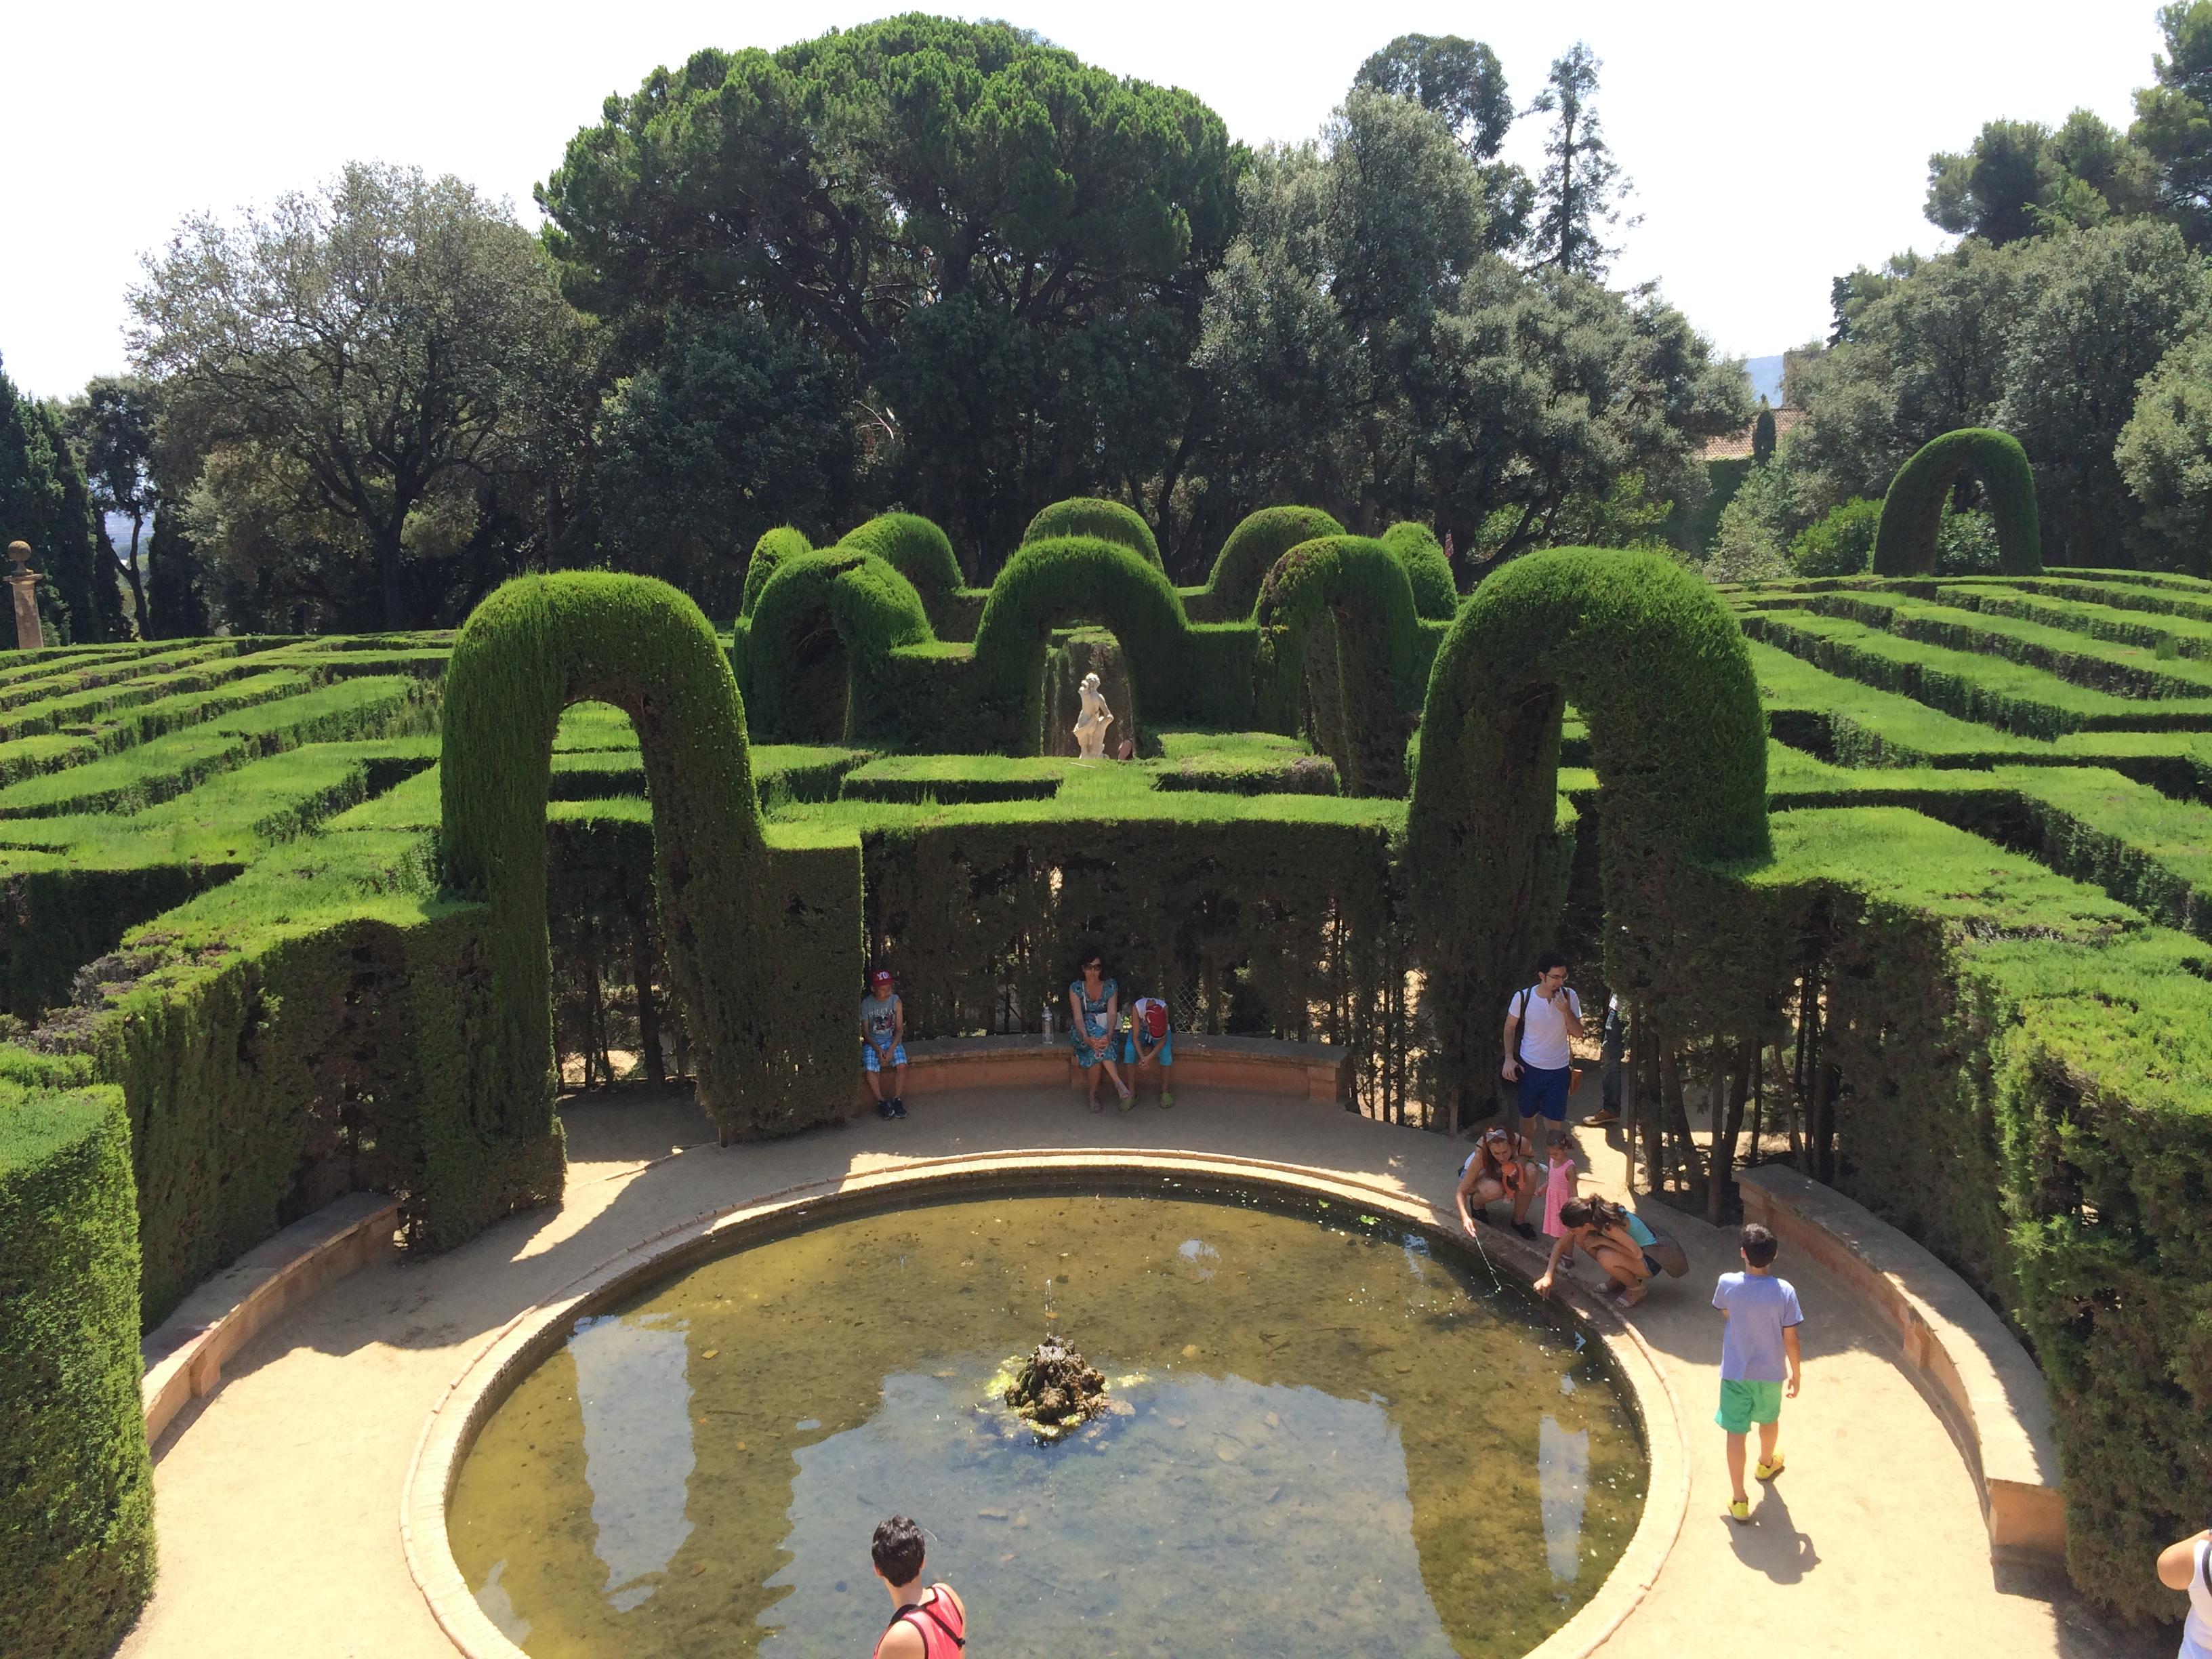 Auch das ist Barcelona im Sommer: Ein grüner Irrgarten aus dem 19. Jahrhundert.